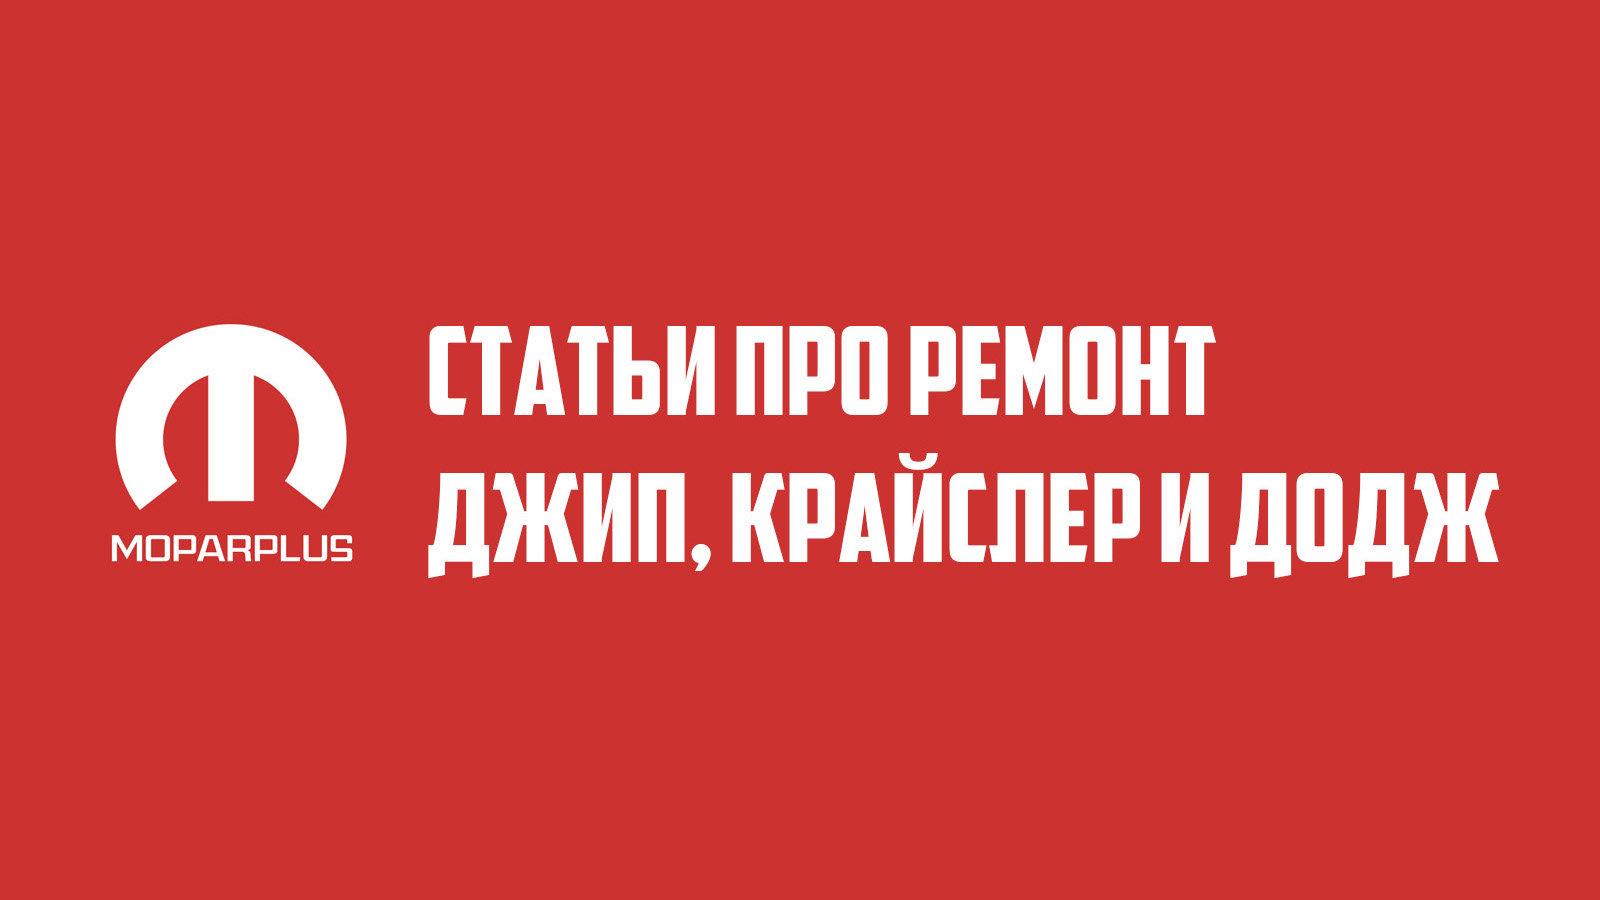 Статьи про ремонт. Выпуск №53.